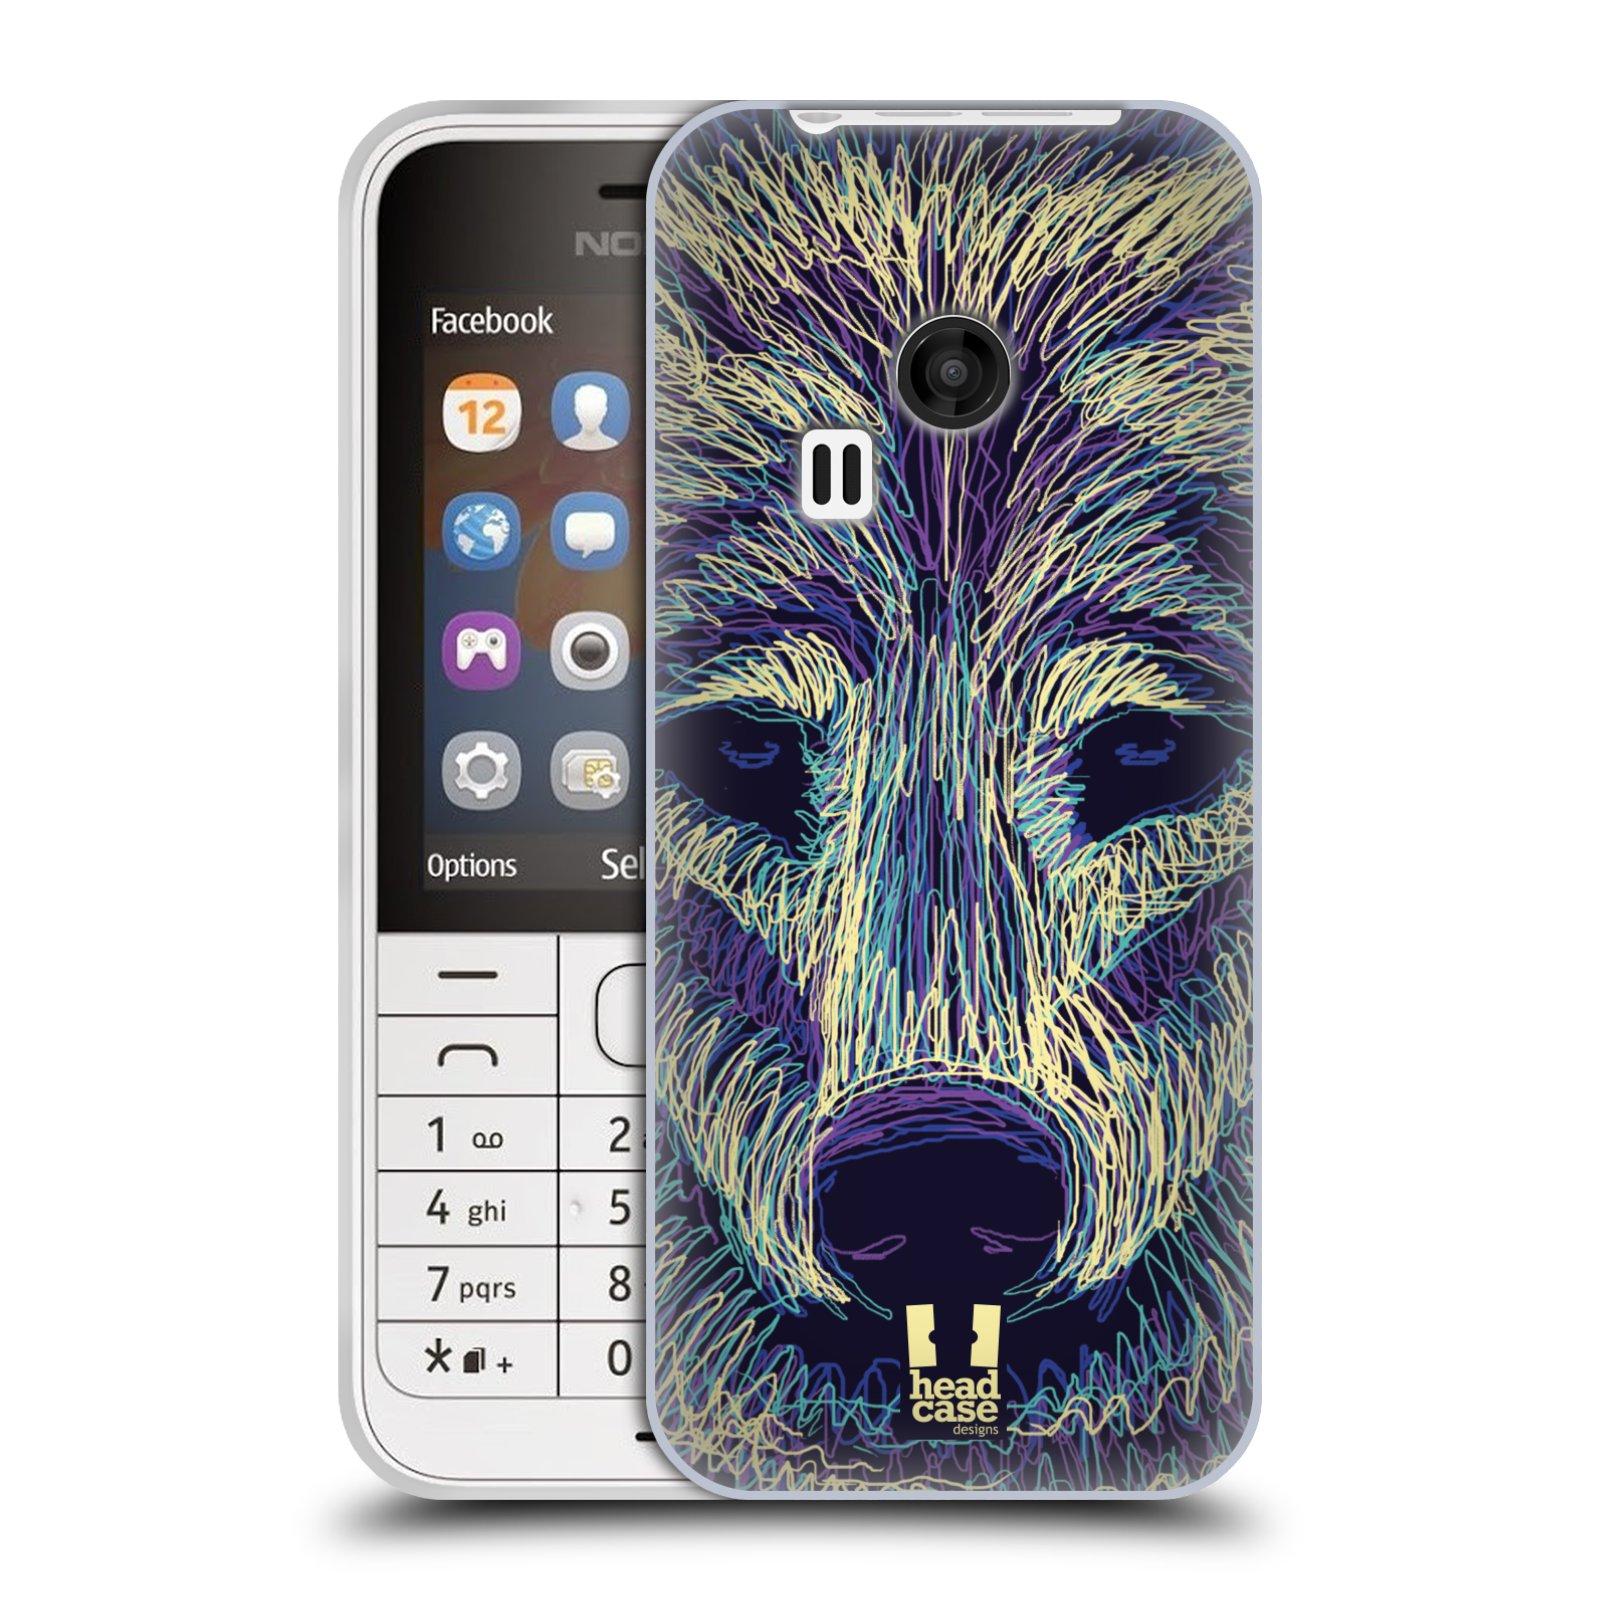 HEAD CASE silikonový obal na mobil NOKIA 220 / NOKIA 220 DUAL SIM vzor zvíře čmáranice vlk